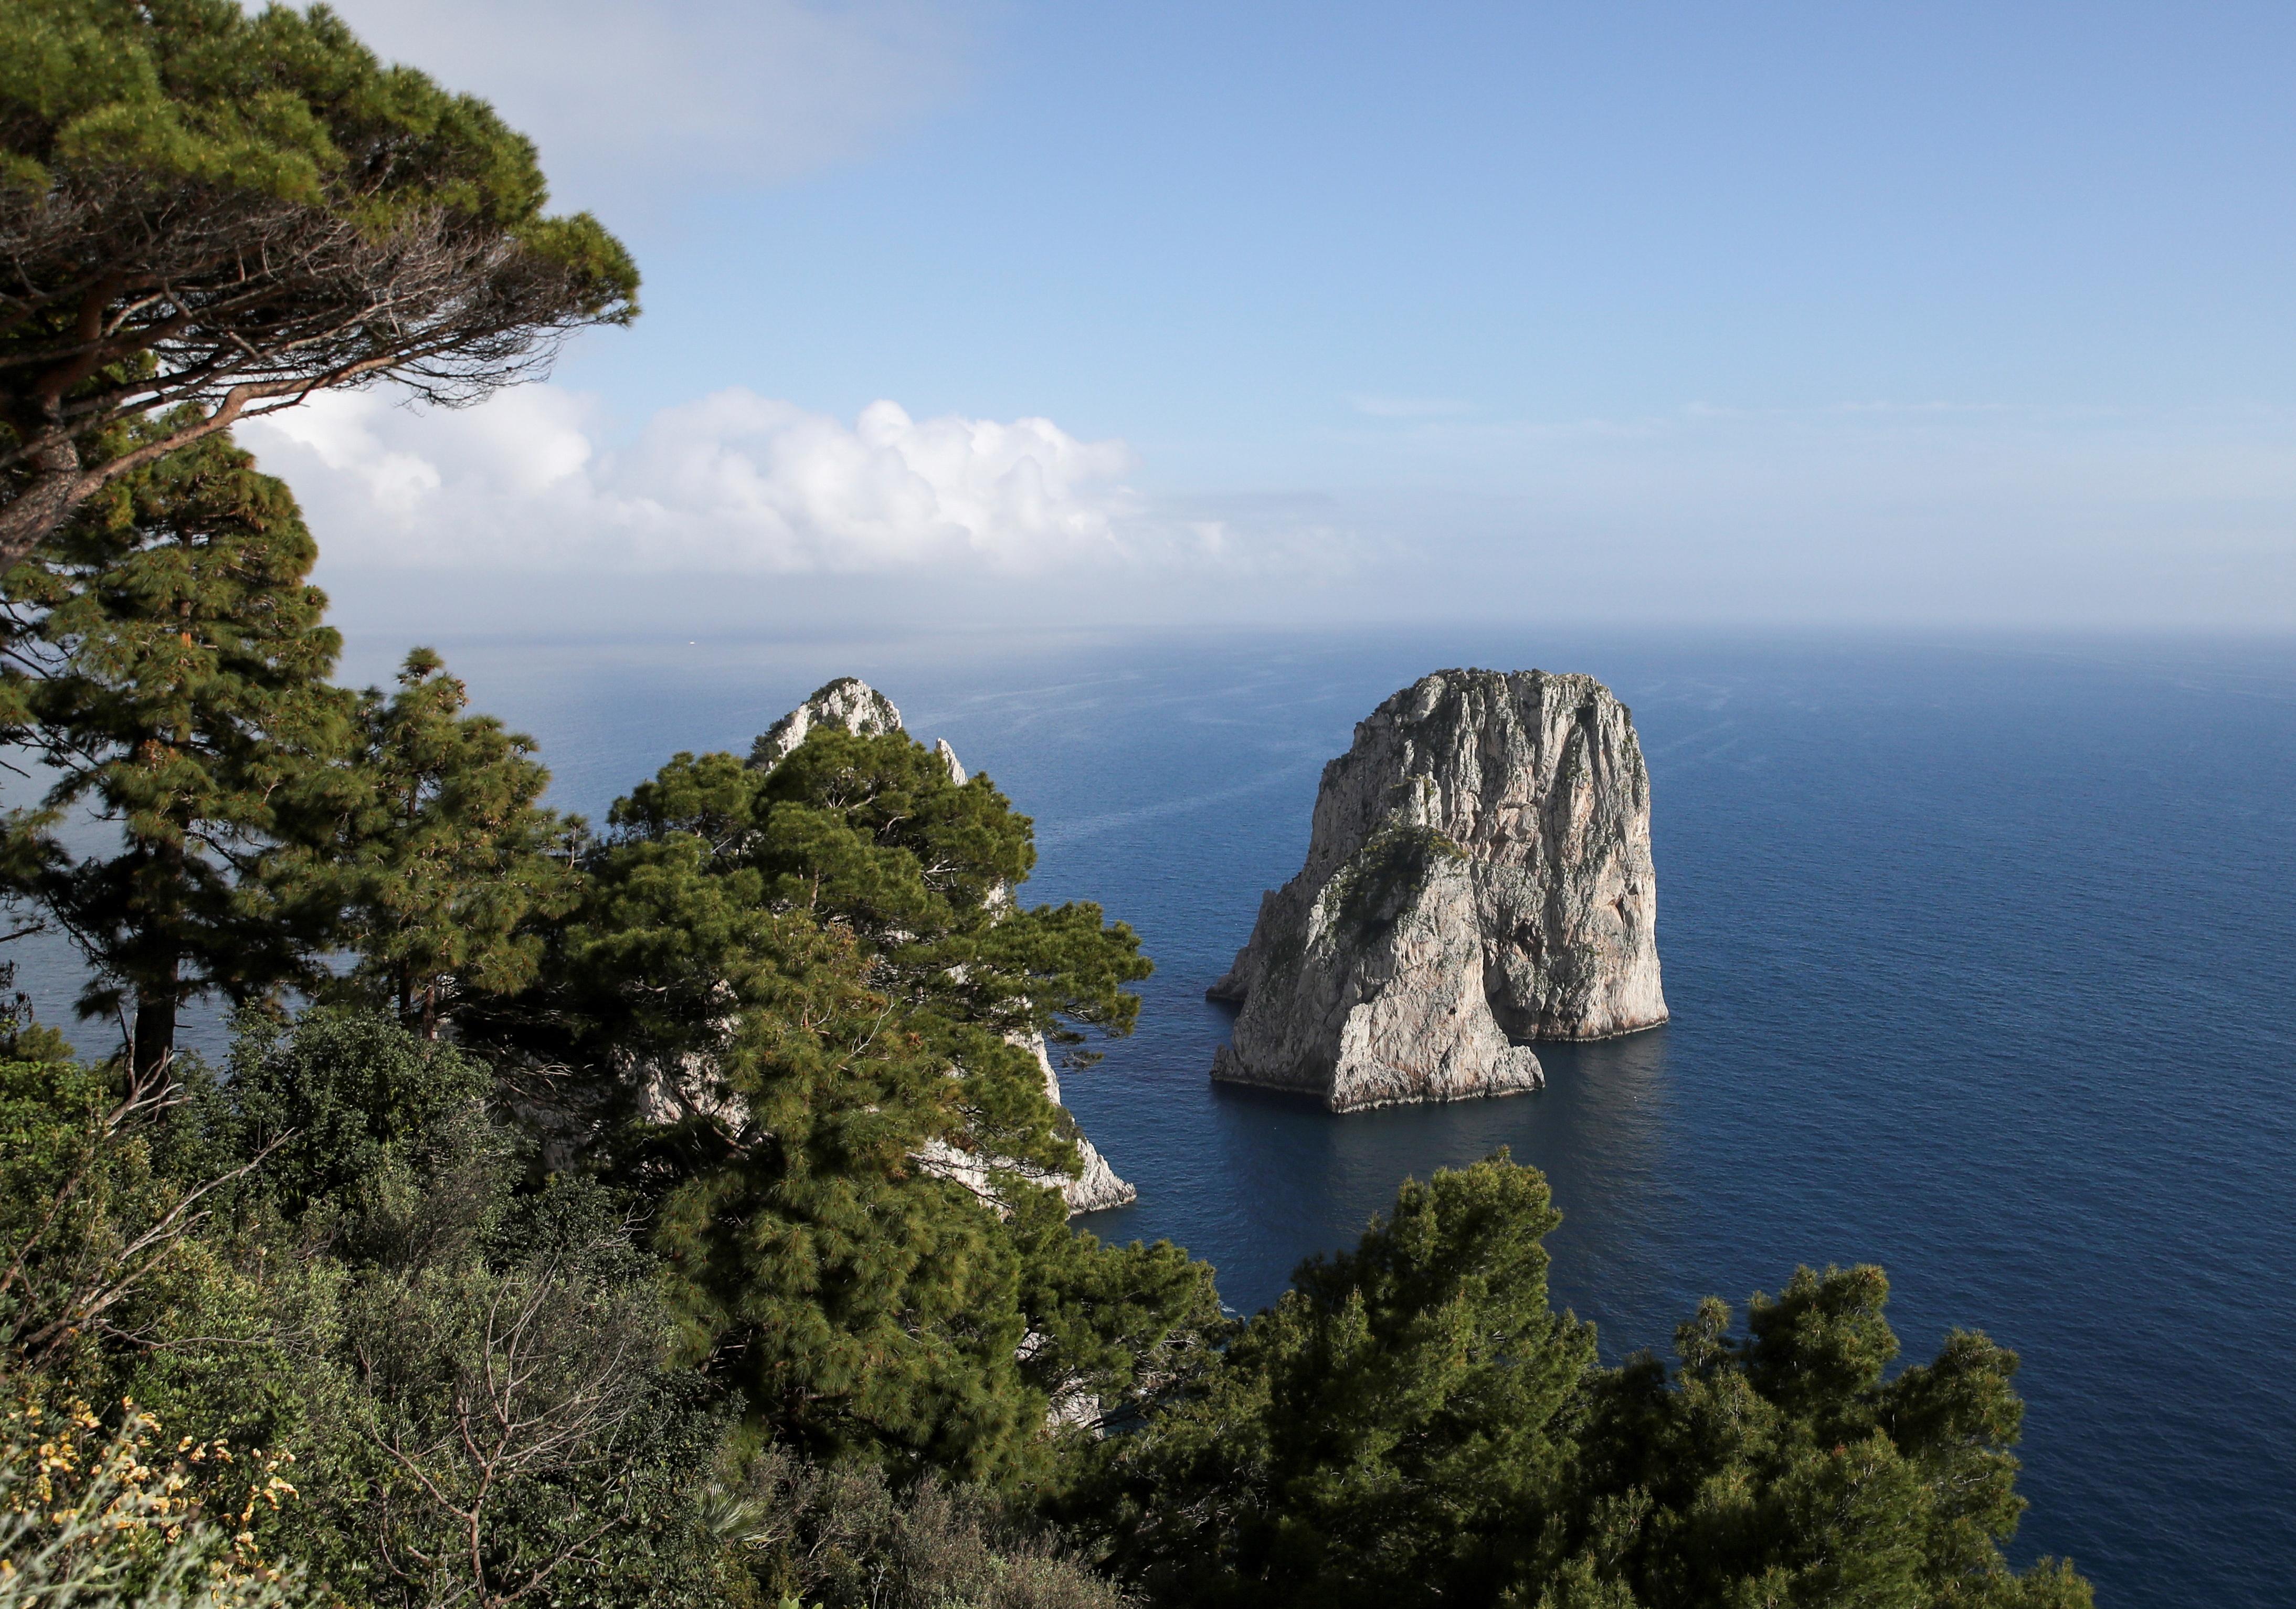 Një pamje e shkëmbinjve gjigantë Faraglioni në brigjet e Caprit, ku shtrati i detit përreth është shkatërruar nga peshkimi ilegal i butakëve të vlefshëm të njohur si midhje hurme, në Capri, Itali, 28 Prill 2021. REUTERS/Yara Nardi/Foto Foto